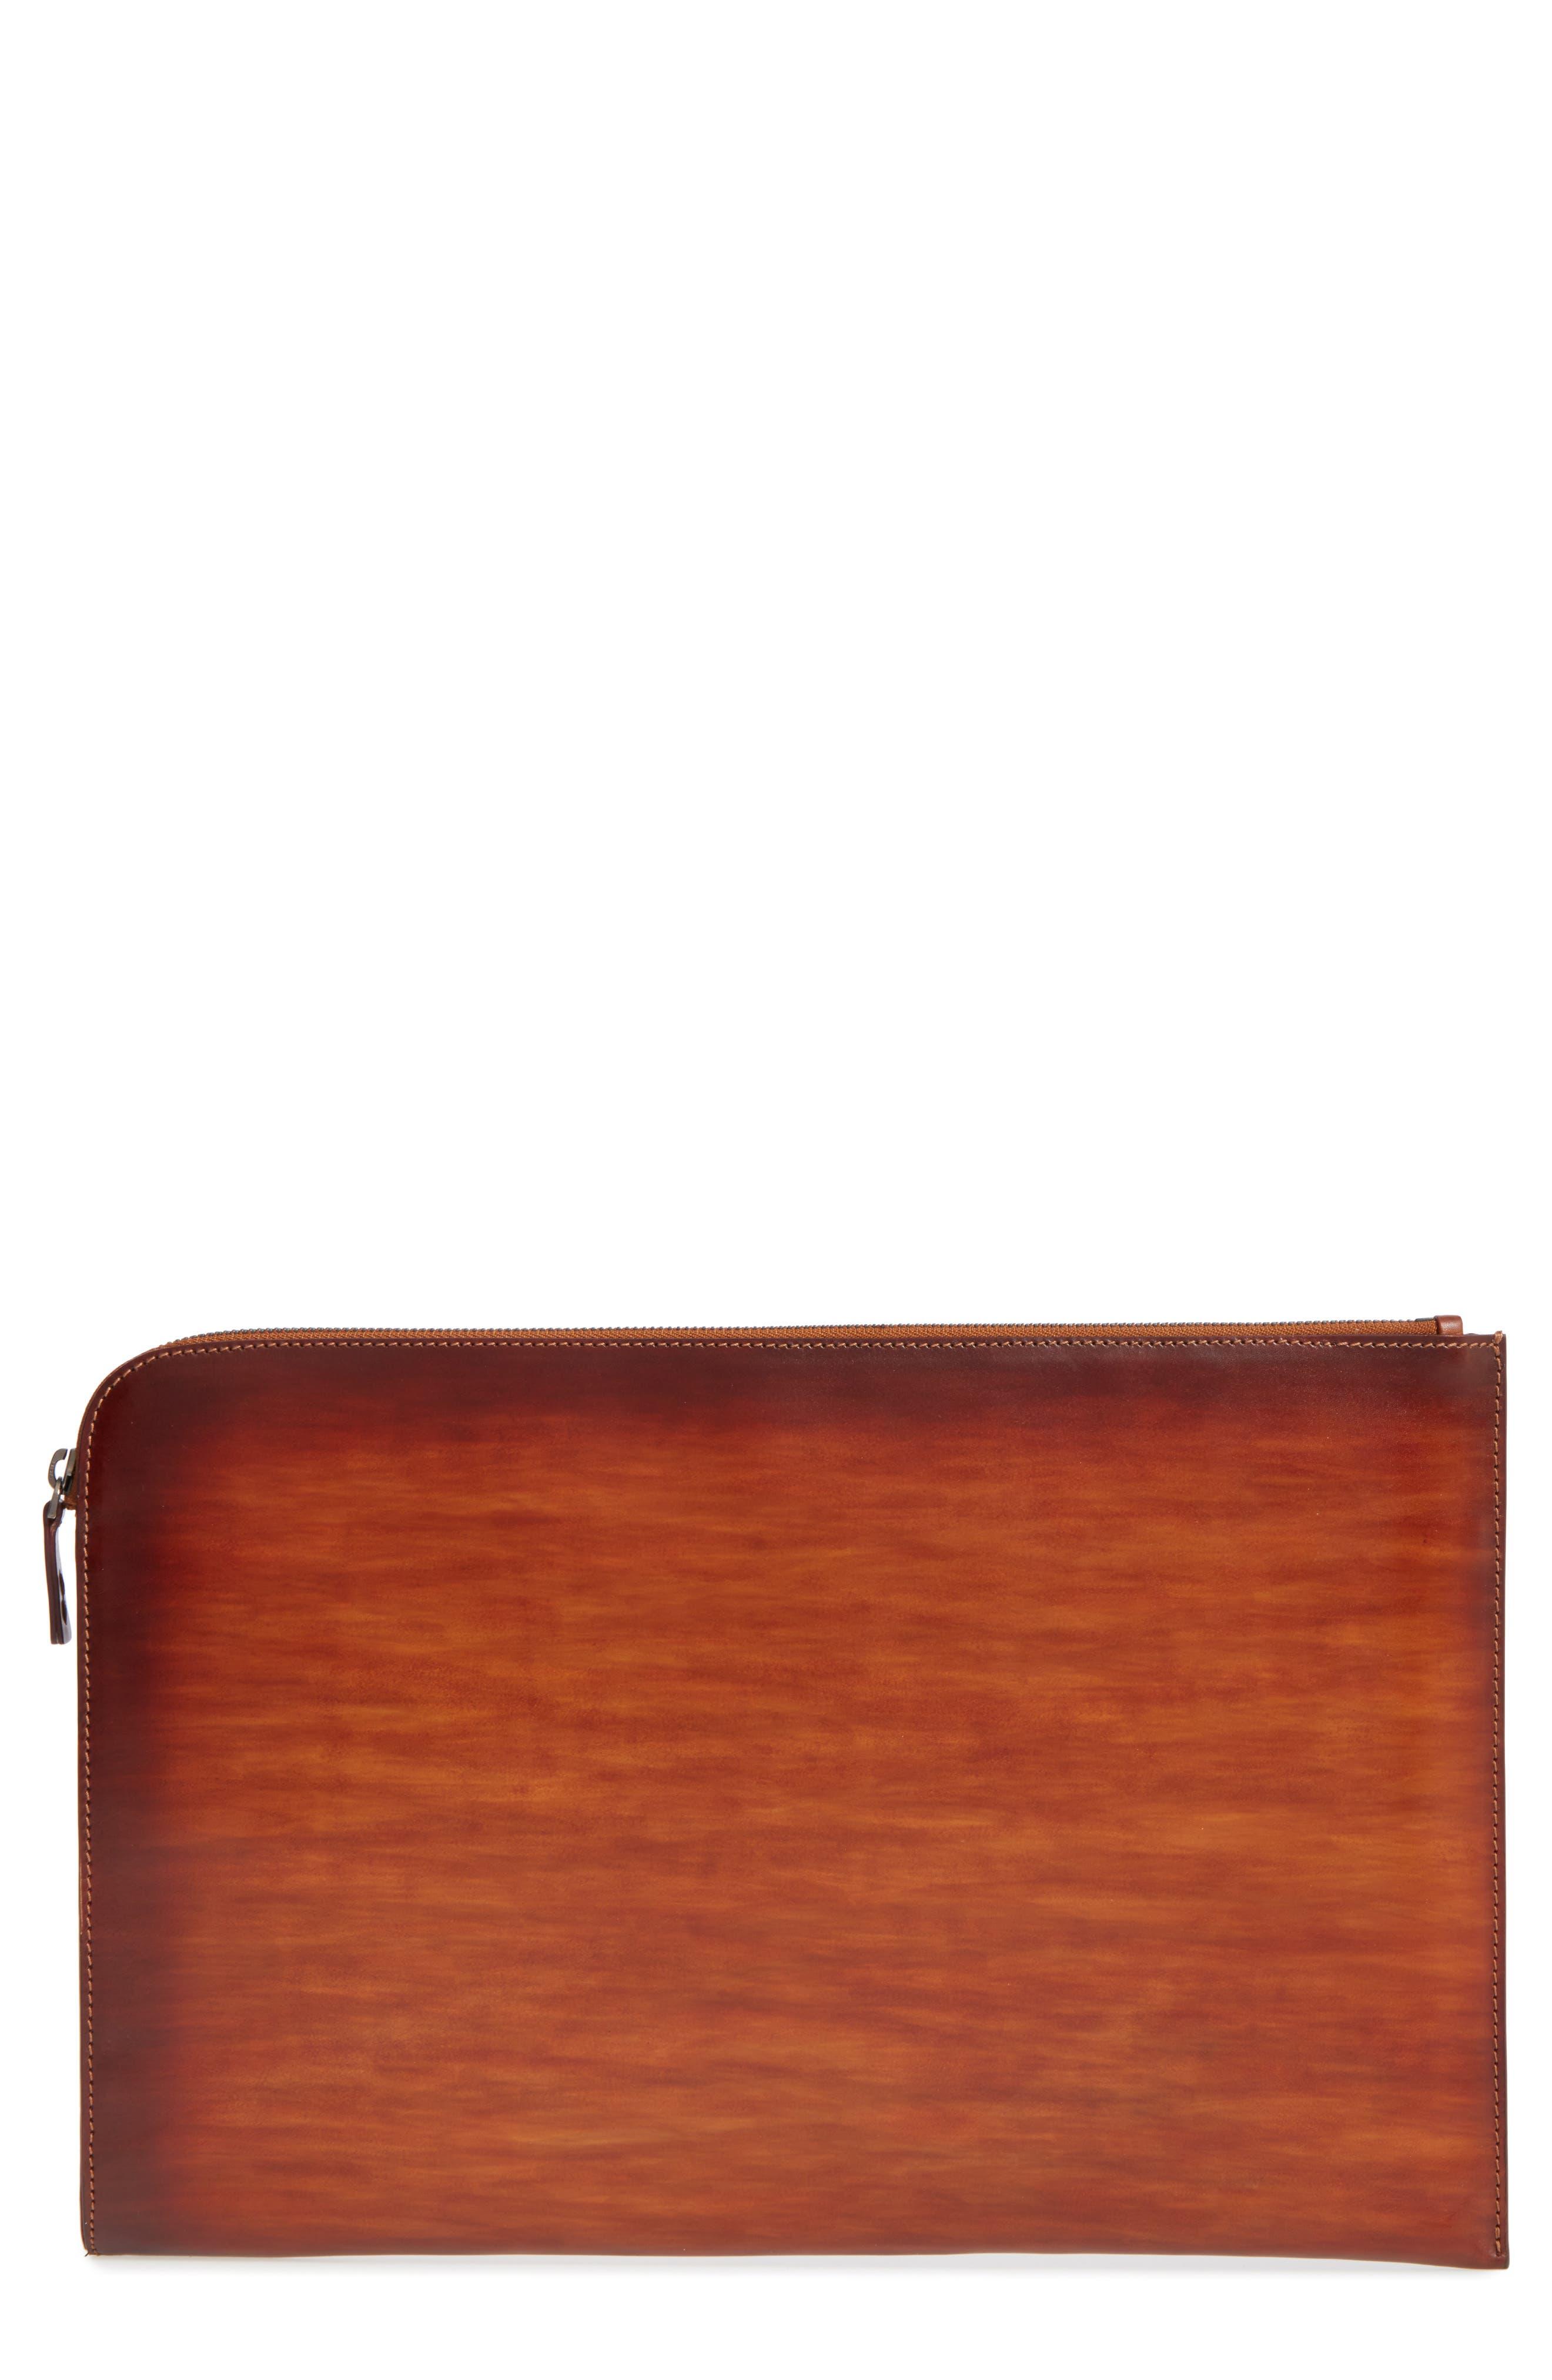 MAGNANNI Leather Portfolio